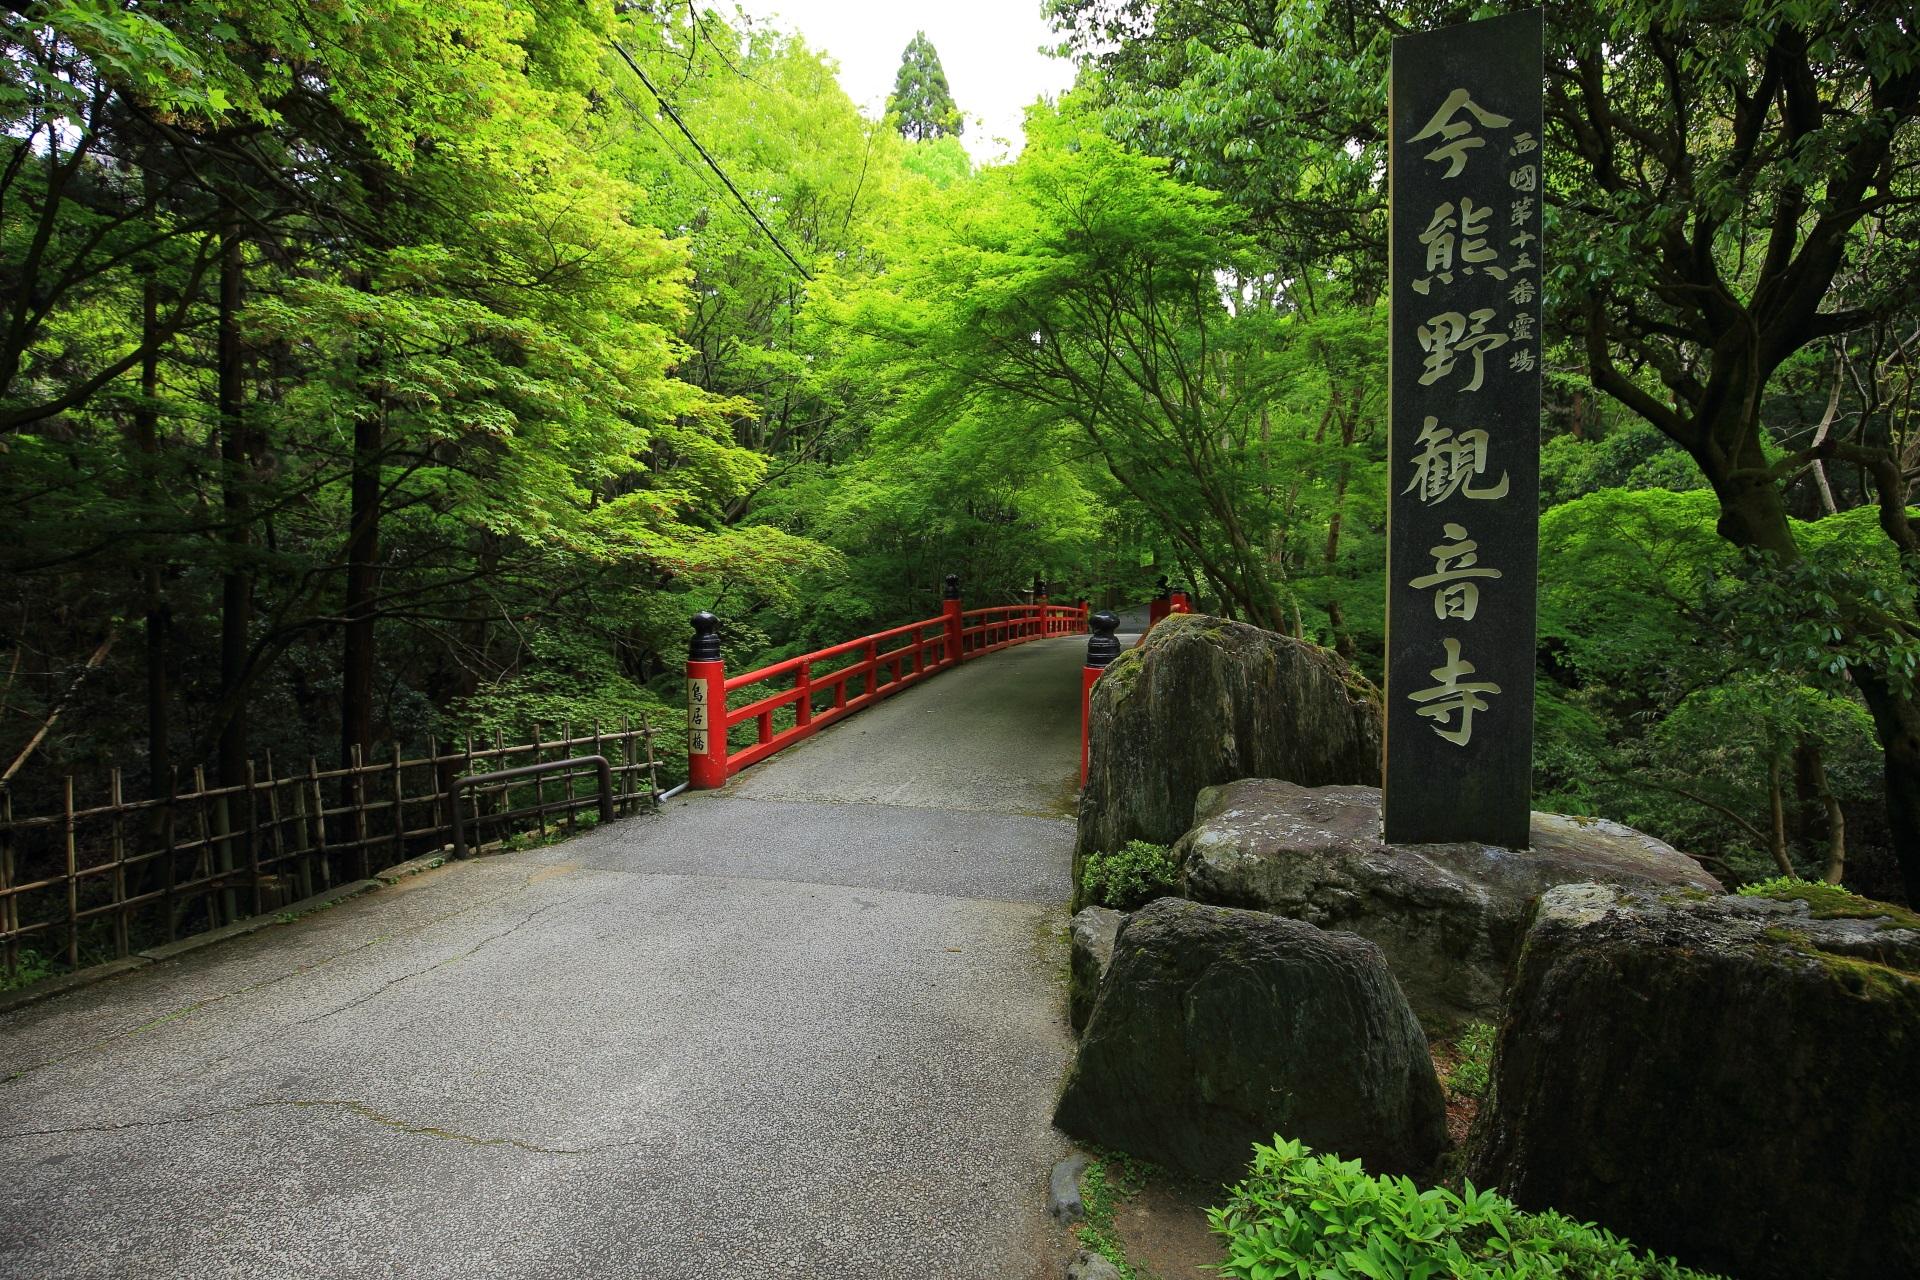 今熊野観音寺の鳥居橋と新緑